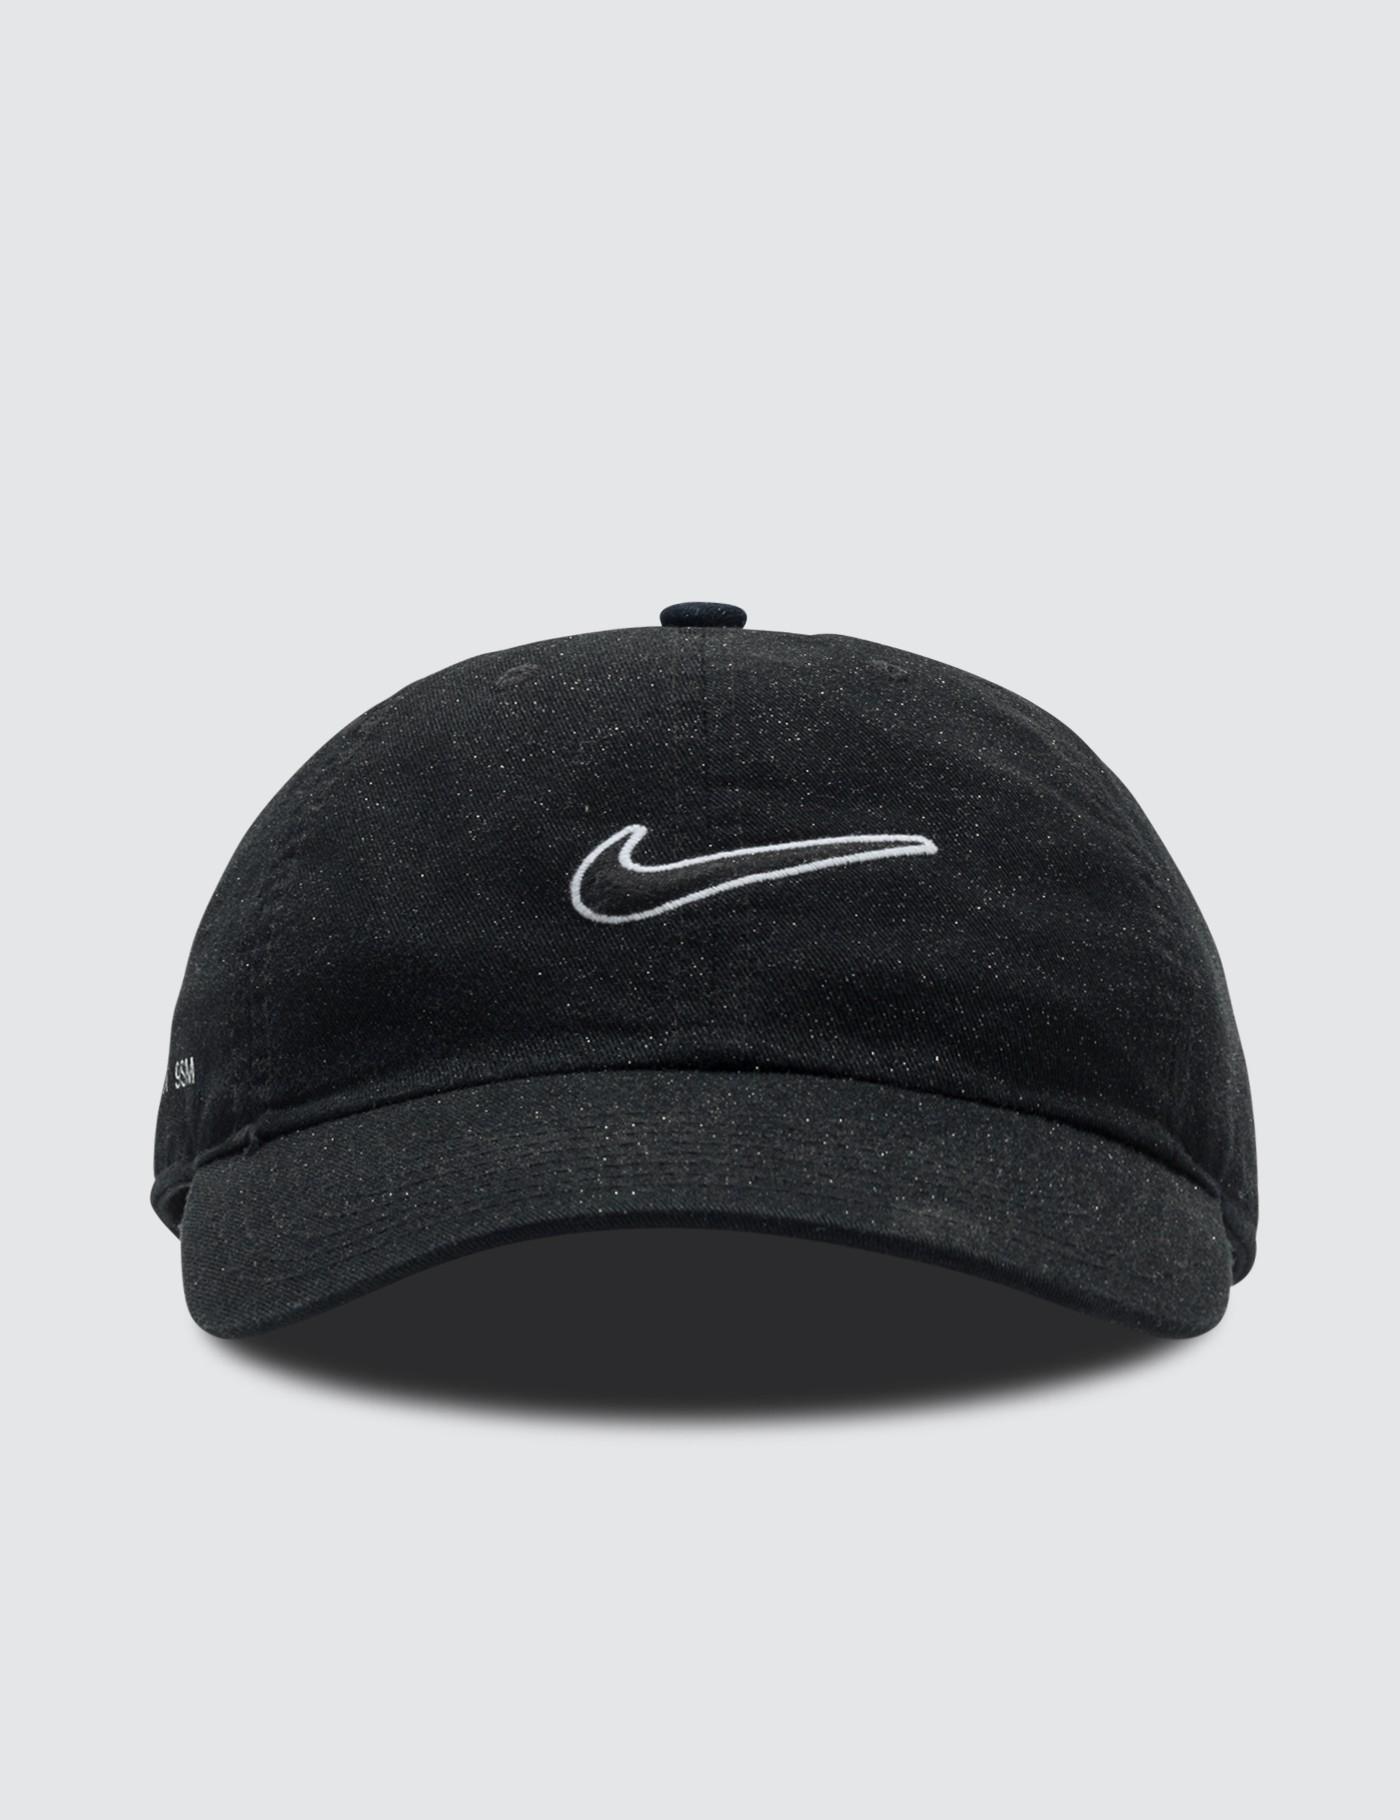 a6b40449d4a908 1017 ALYX 9SM Nike Golf Cap in Black - Lyst